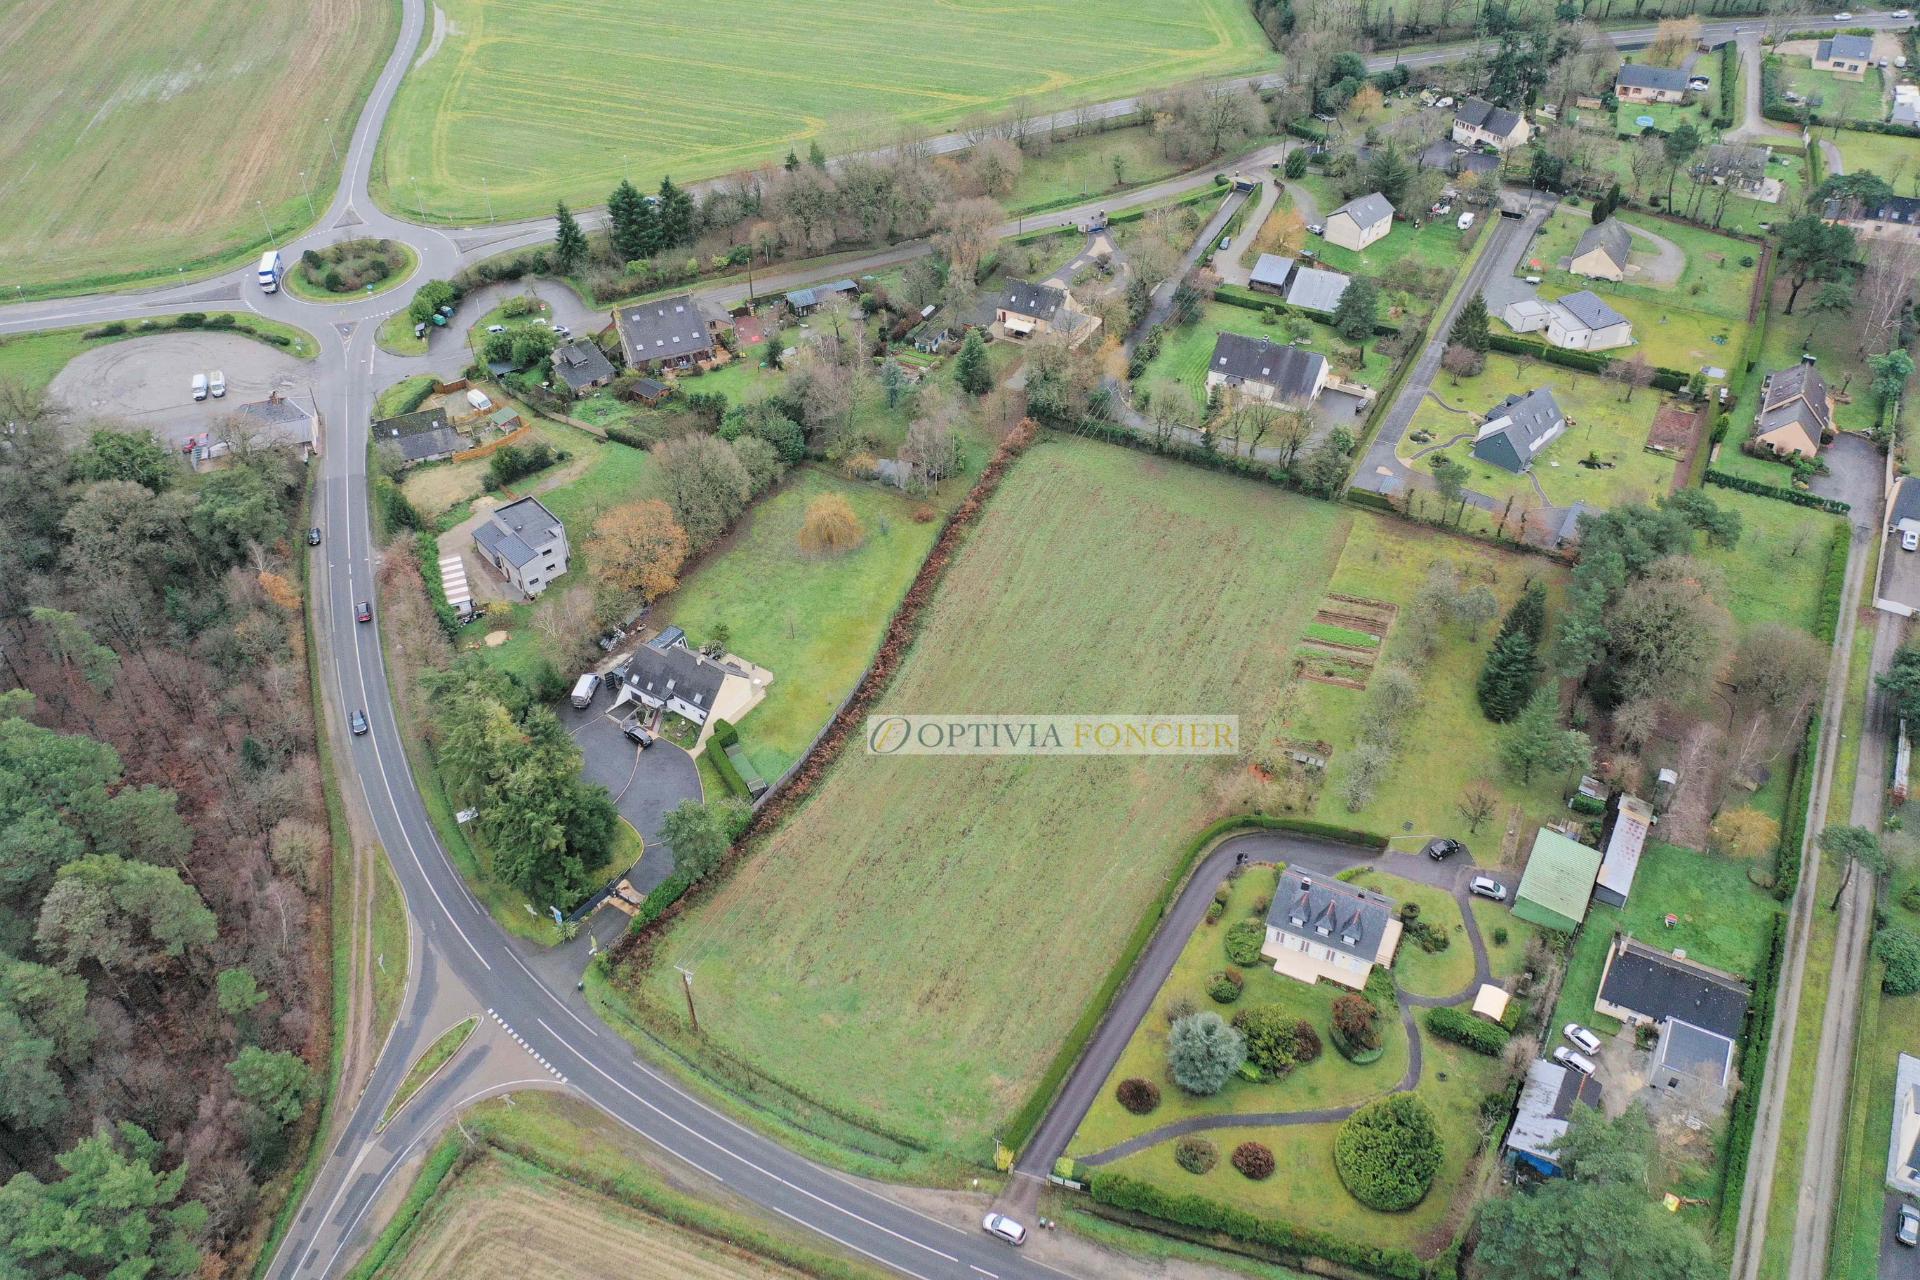 Terrain de 1 200 m² (10 % d'emprise au sol) - Entièrement viabilisé hors assainissement